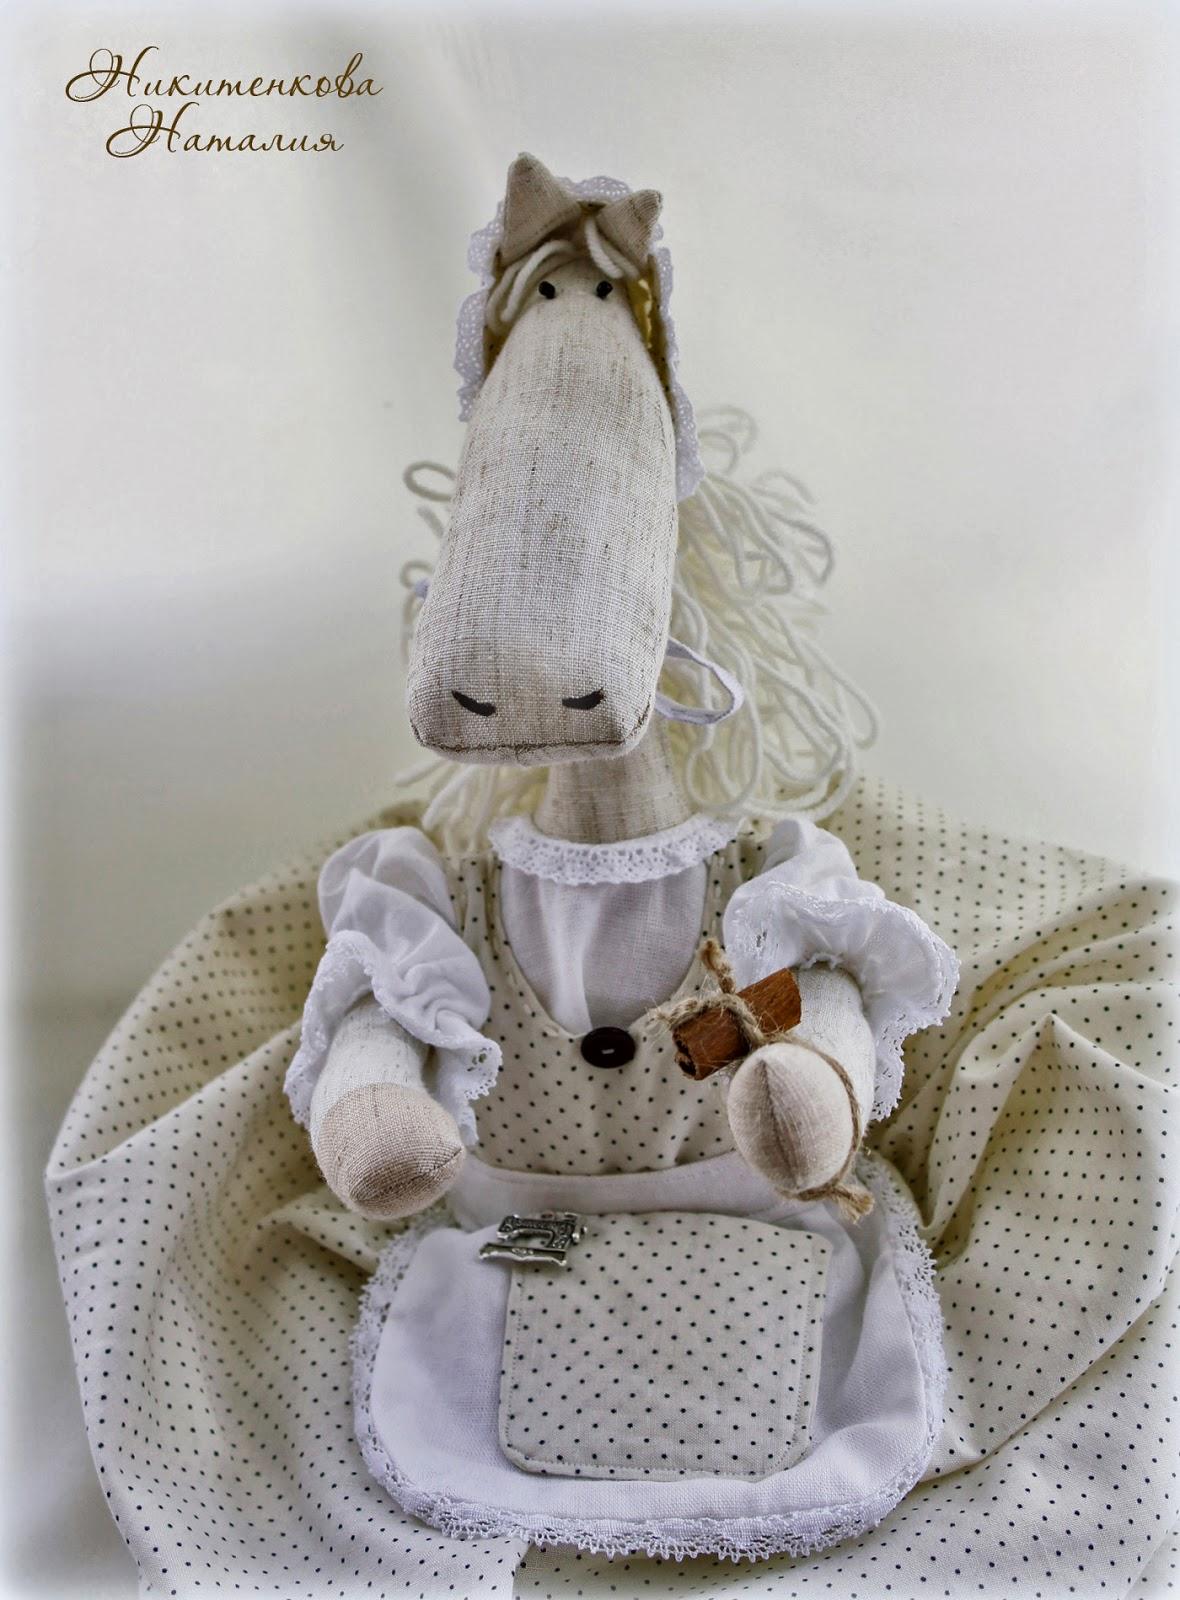 Лошадка пакетница для кухни, шитье, рукоделие